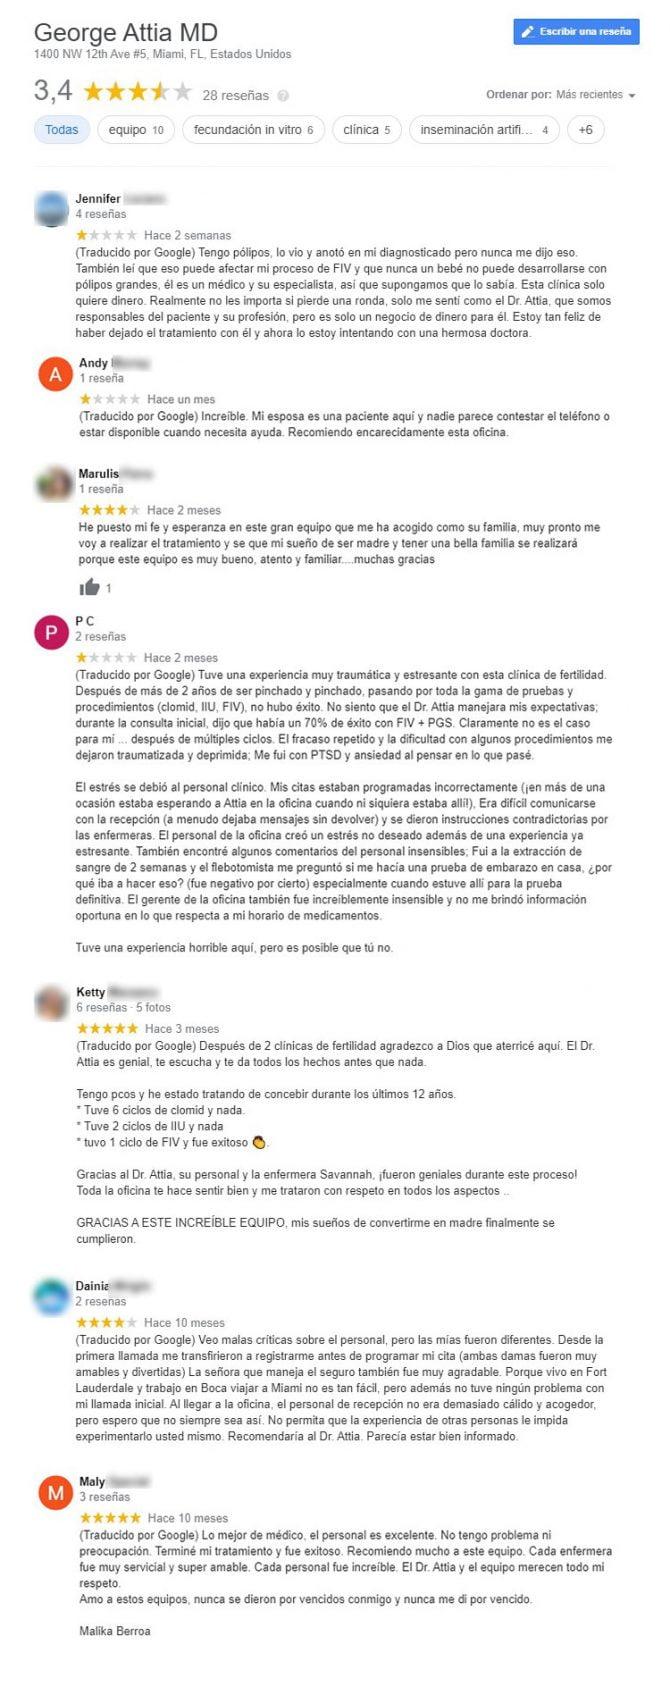 Imagen: Opiniones sobre University of Miami Fertility Center